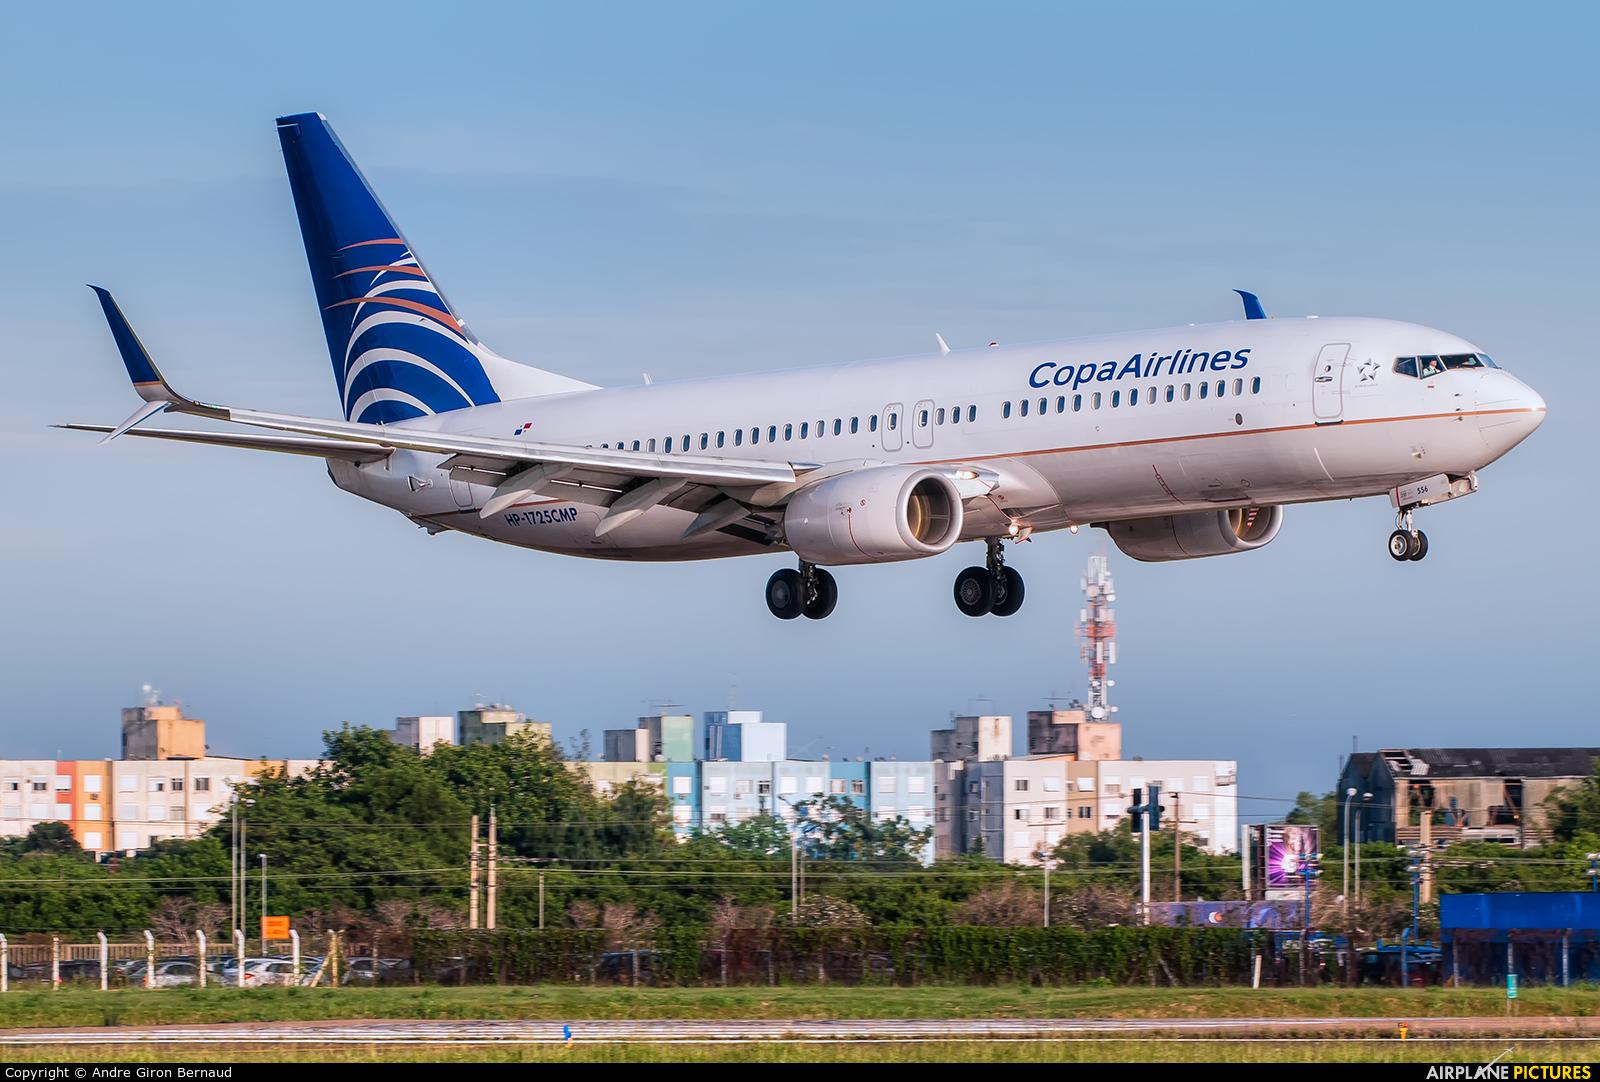 Copa Airlines HP-1725CMP aircraft at Porto Alegre - Salgado Filho